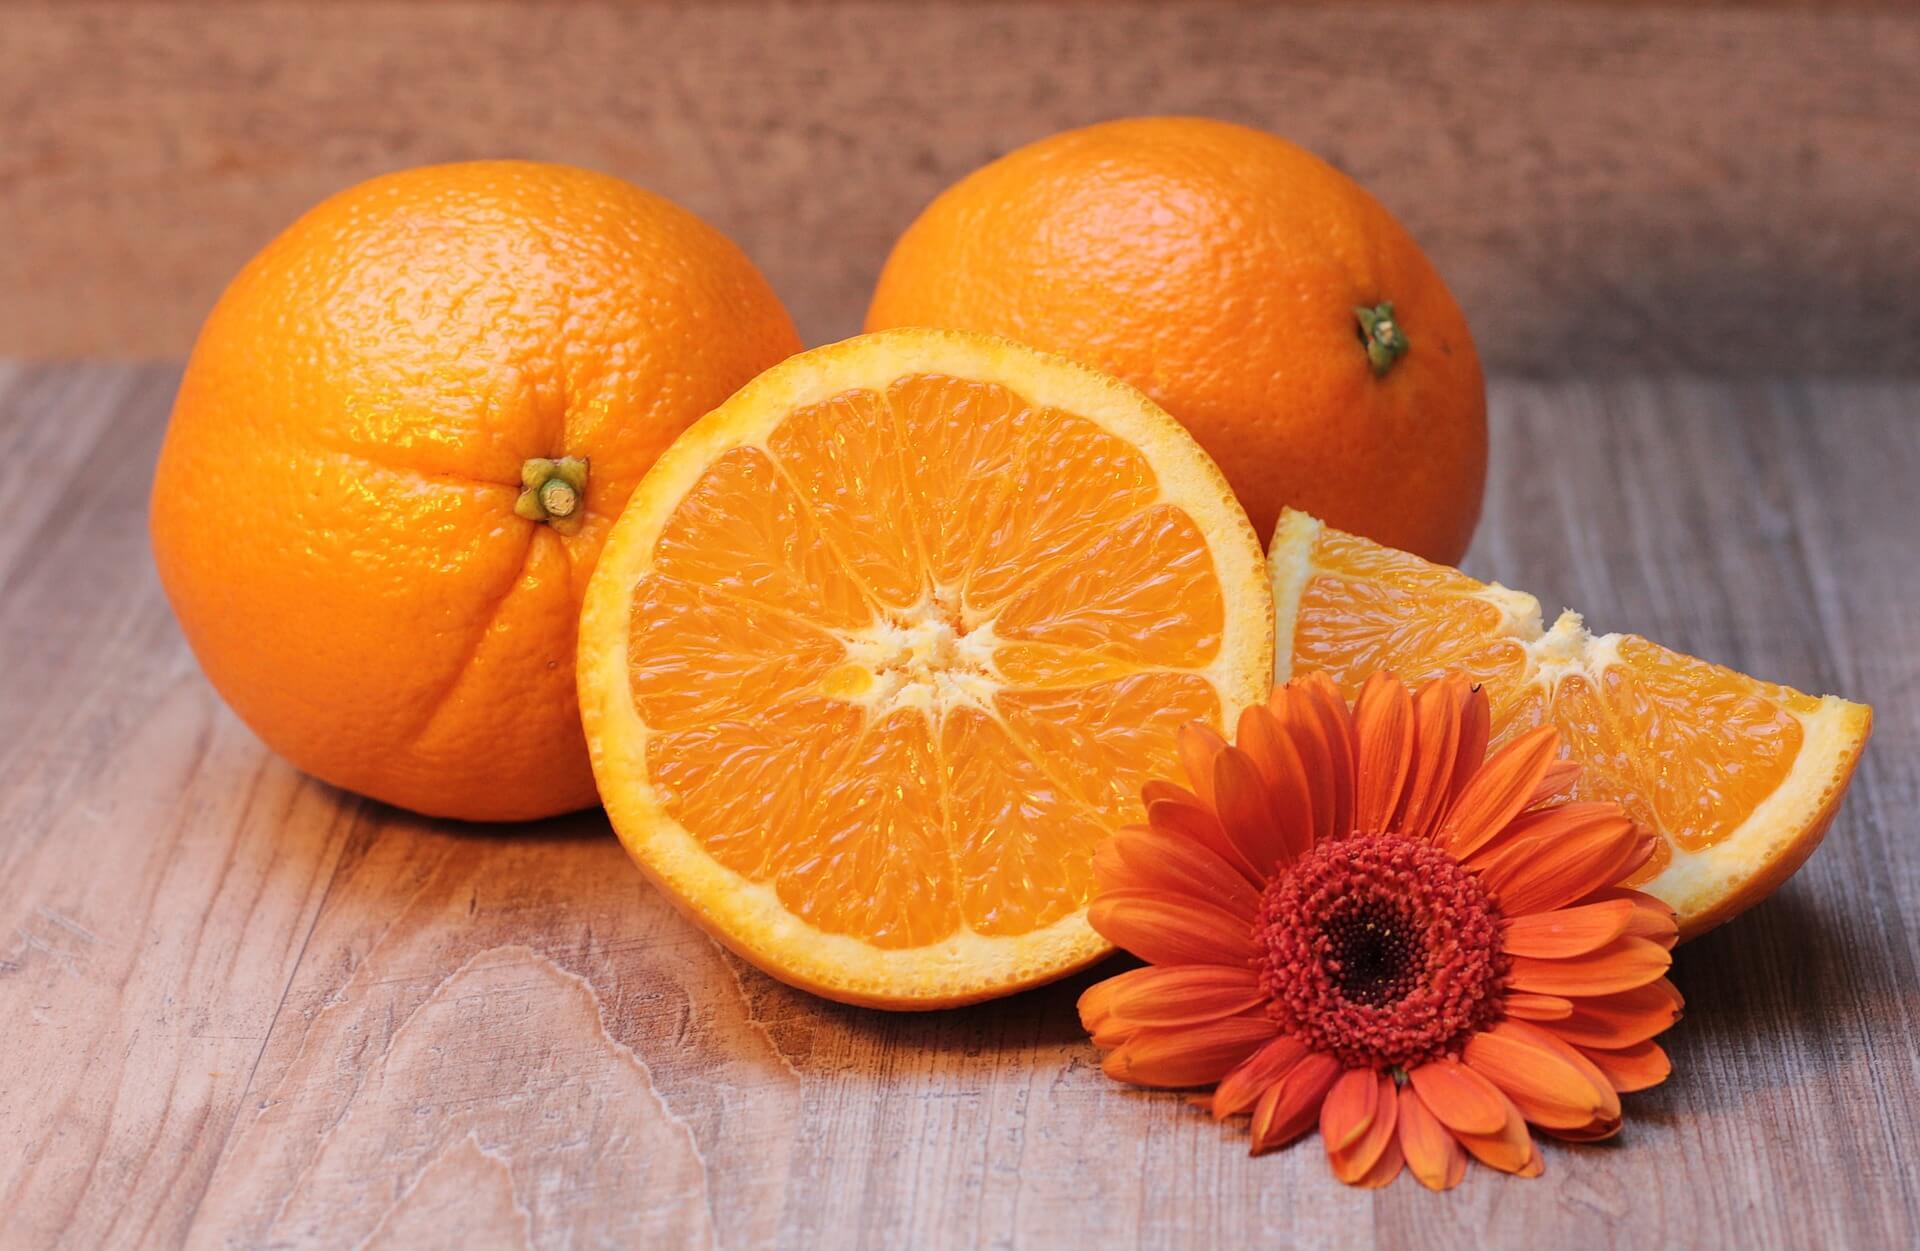 فوائد شرب عصير البرتقال بعد الأكل